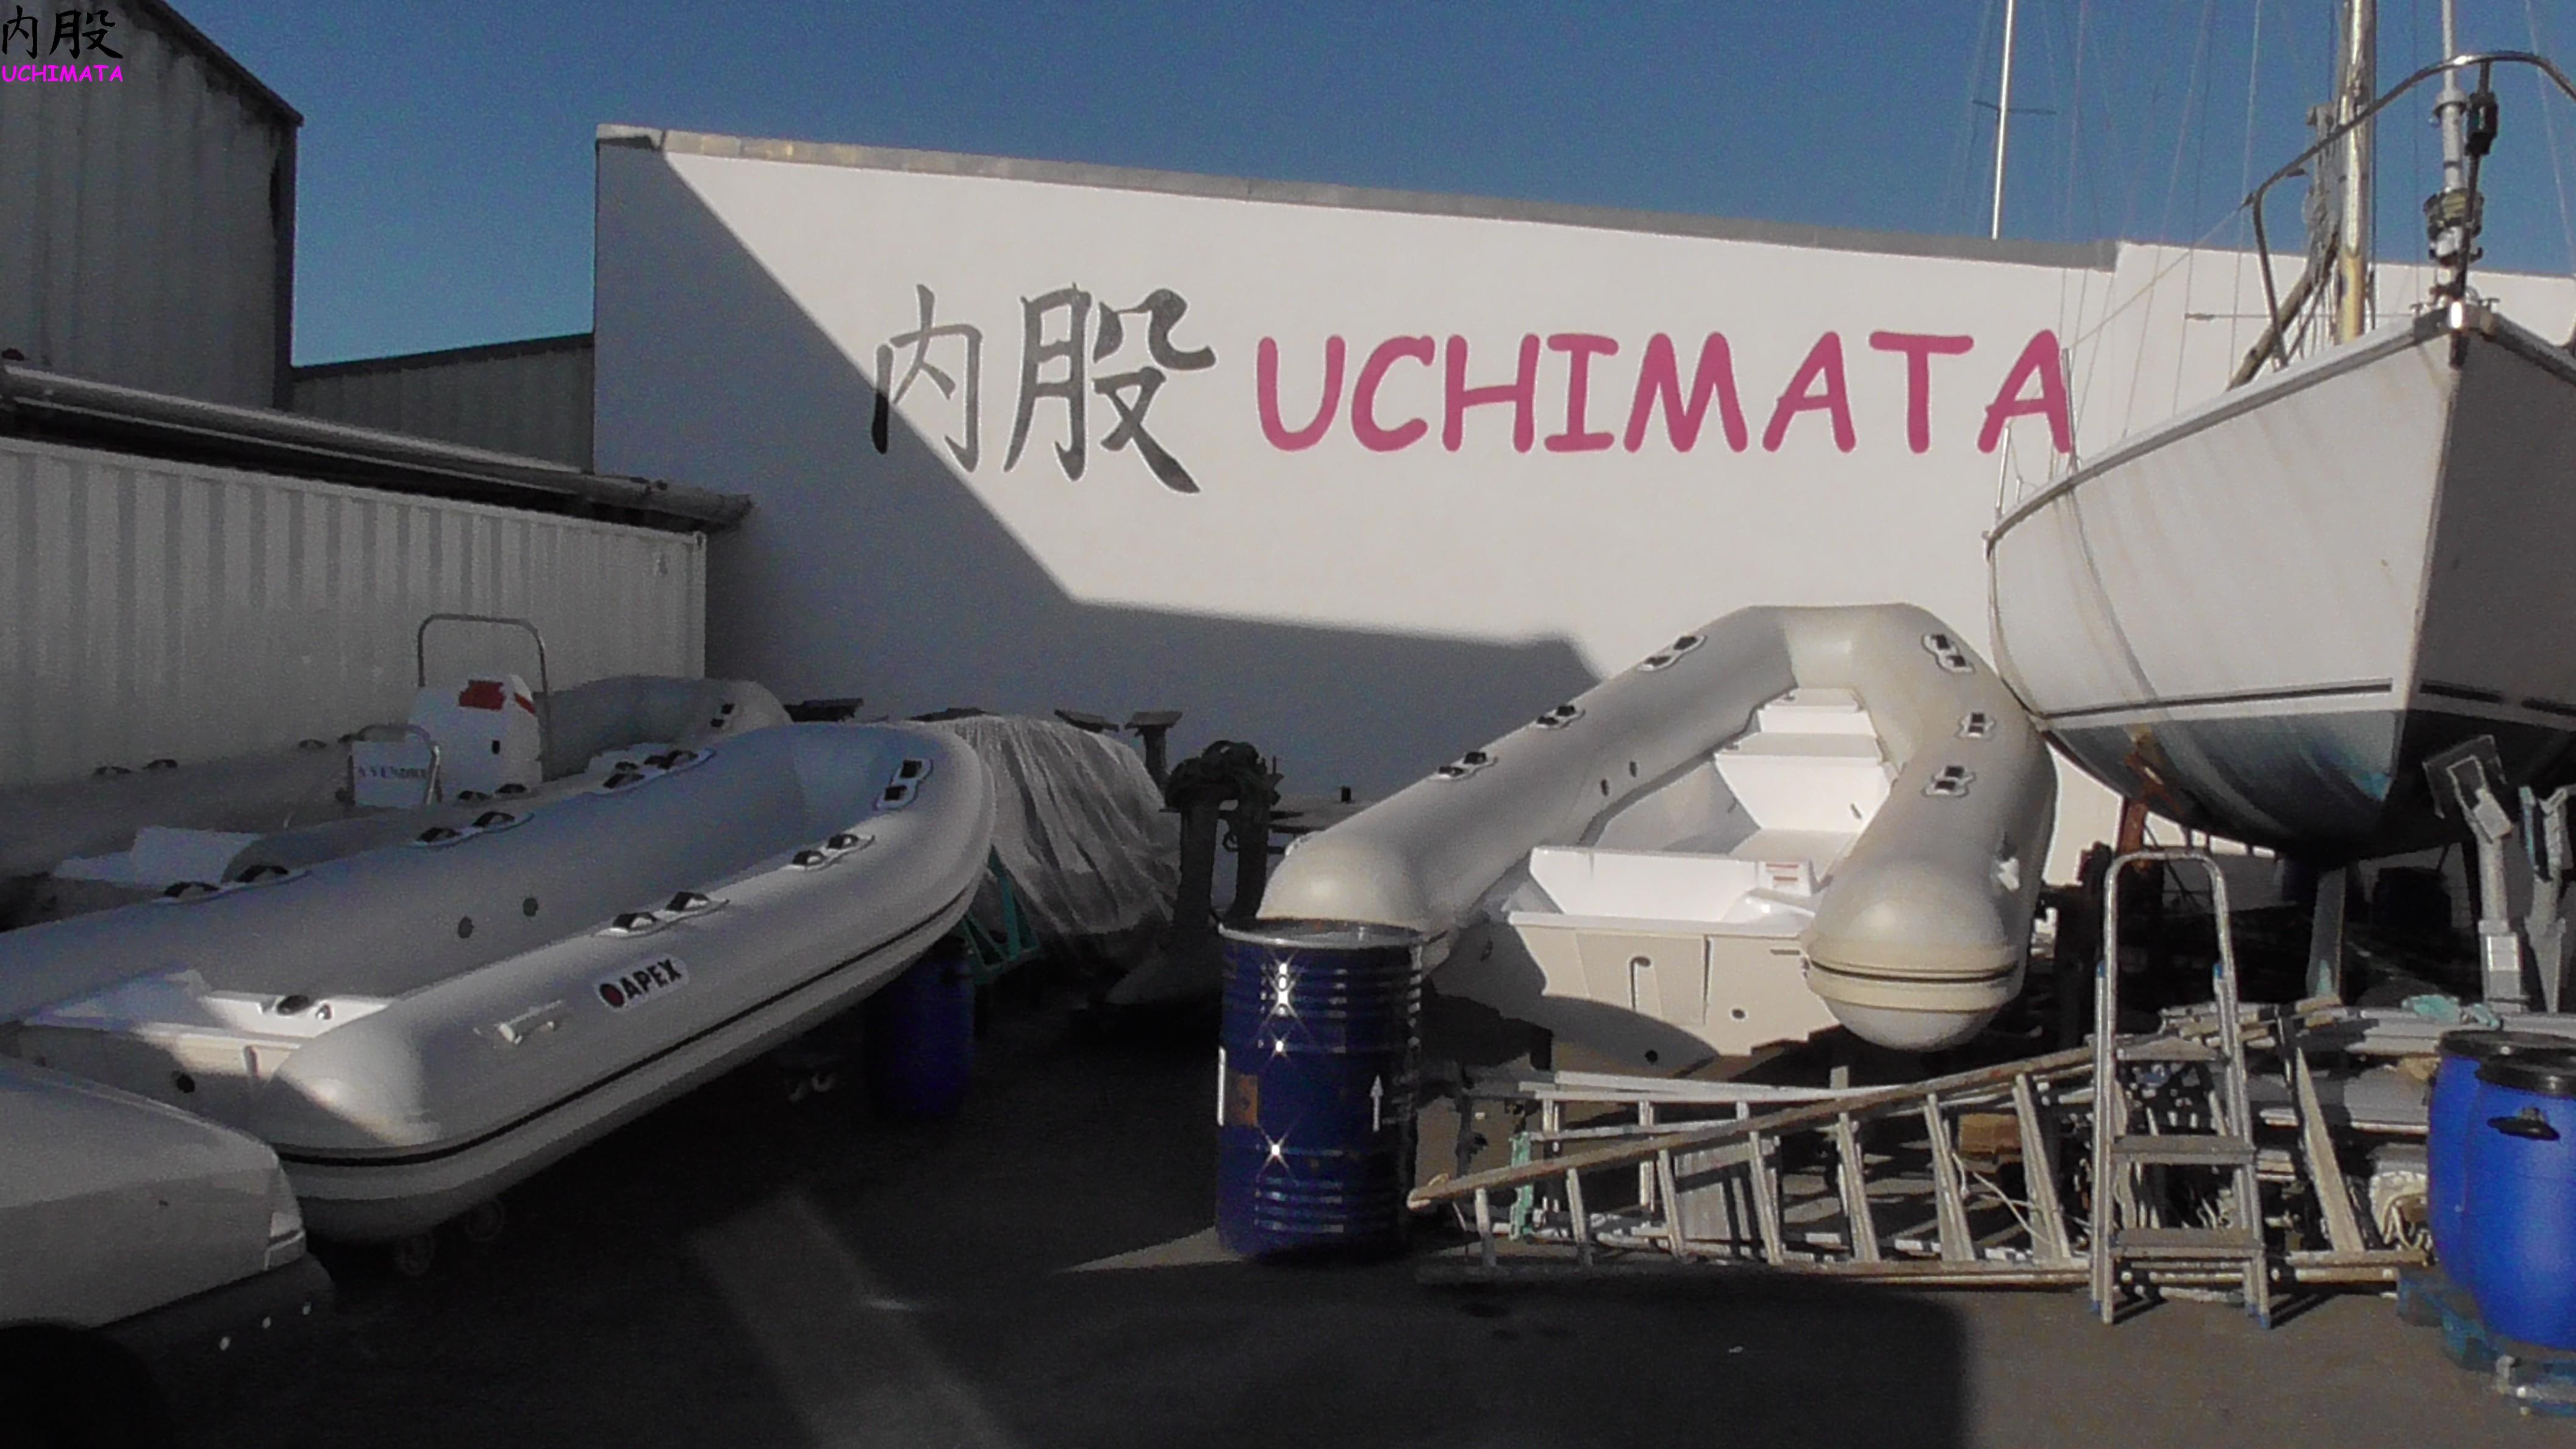 Uchimata - 2014